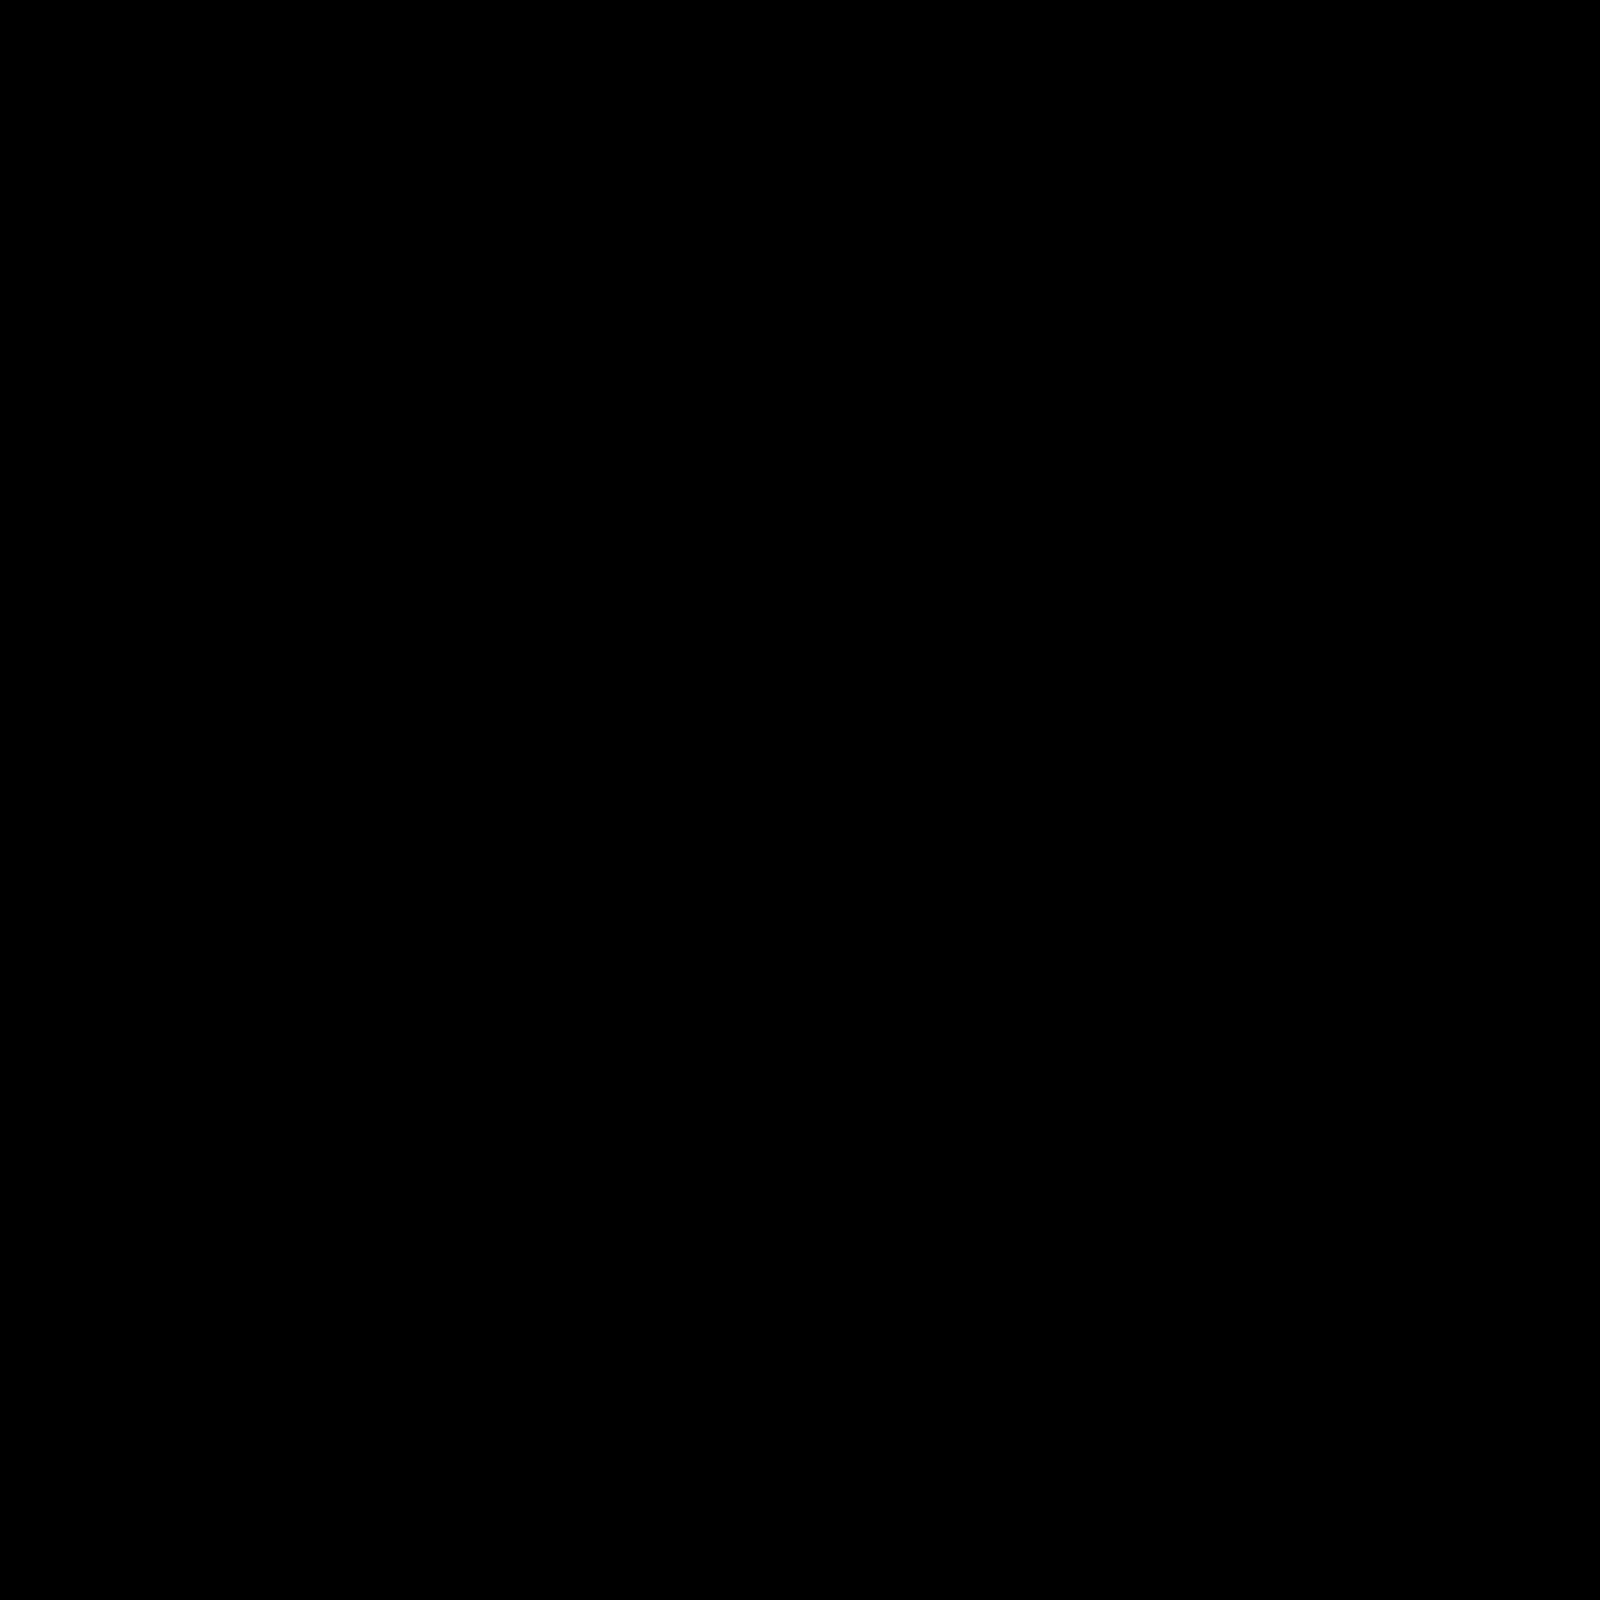 Folder PNG - 11455